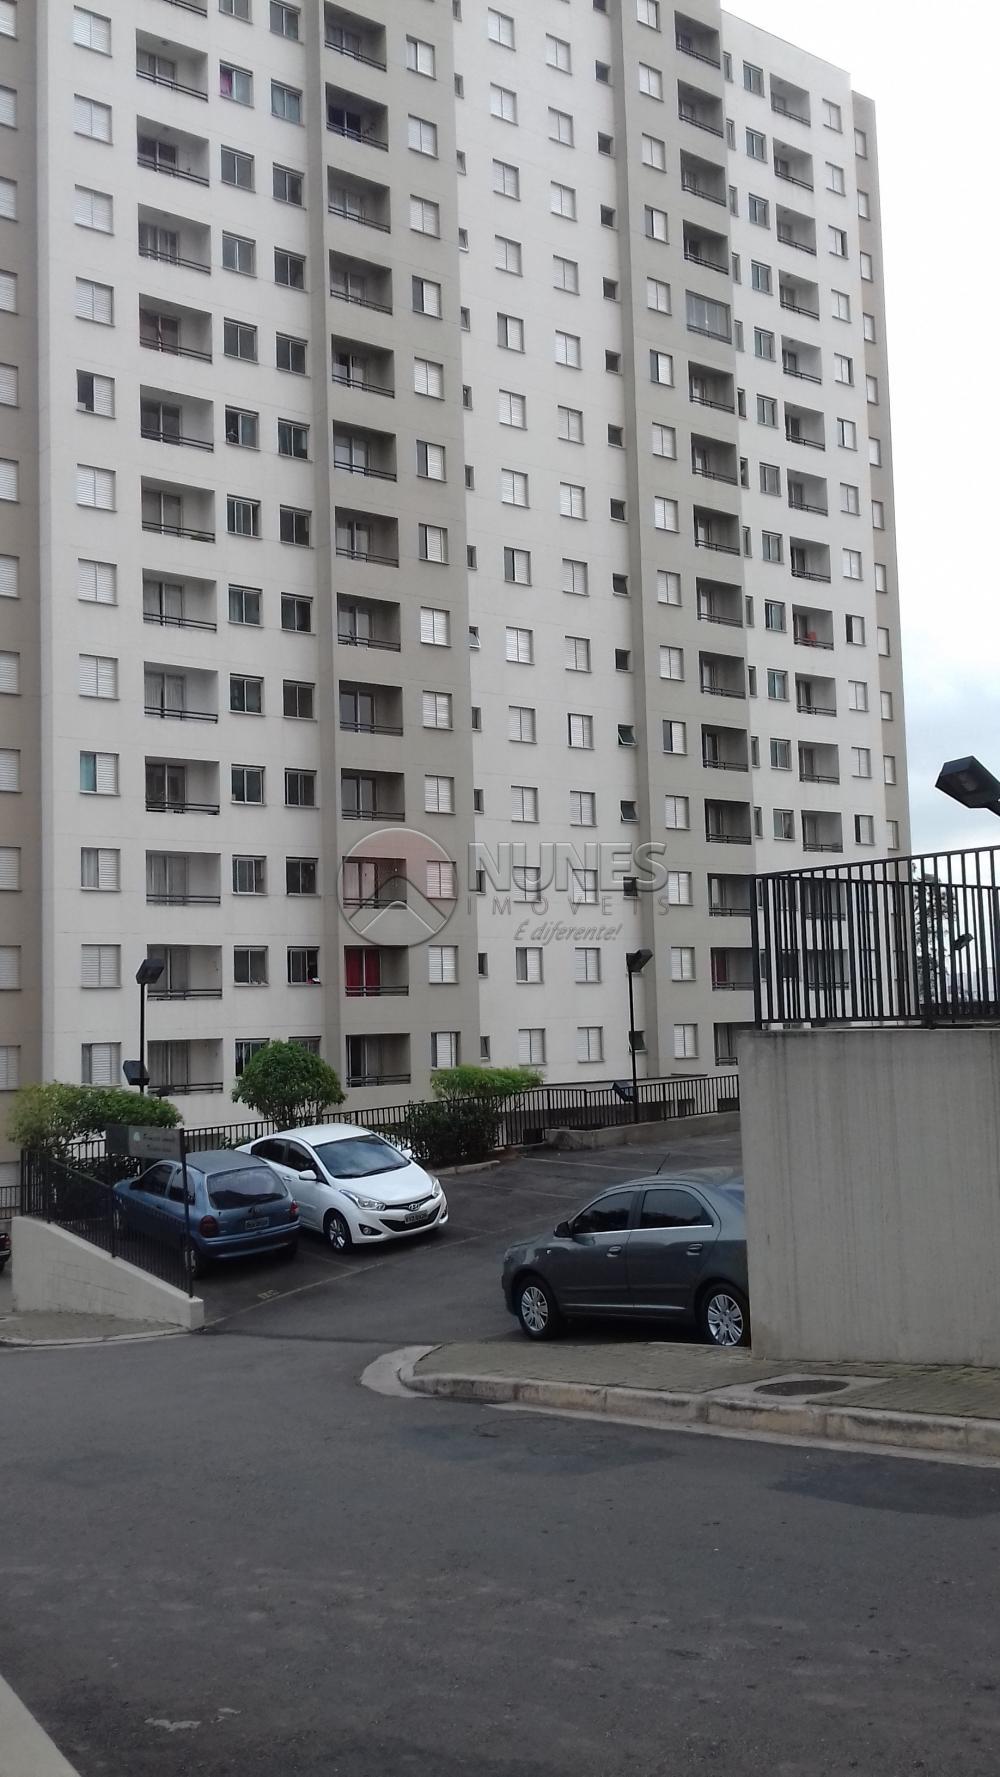 Comprar Apartamento / Padrão em Carapicuíba apenas R$ 210.000,00 - Foto 1